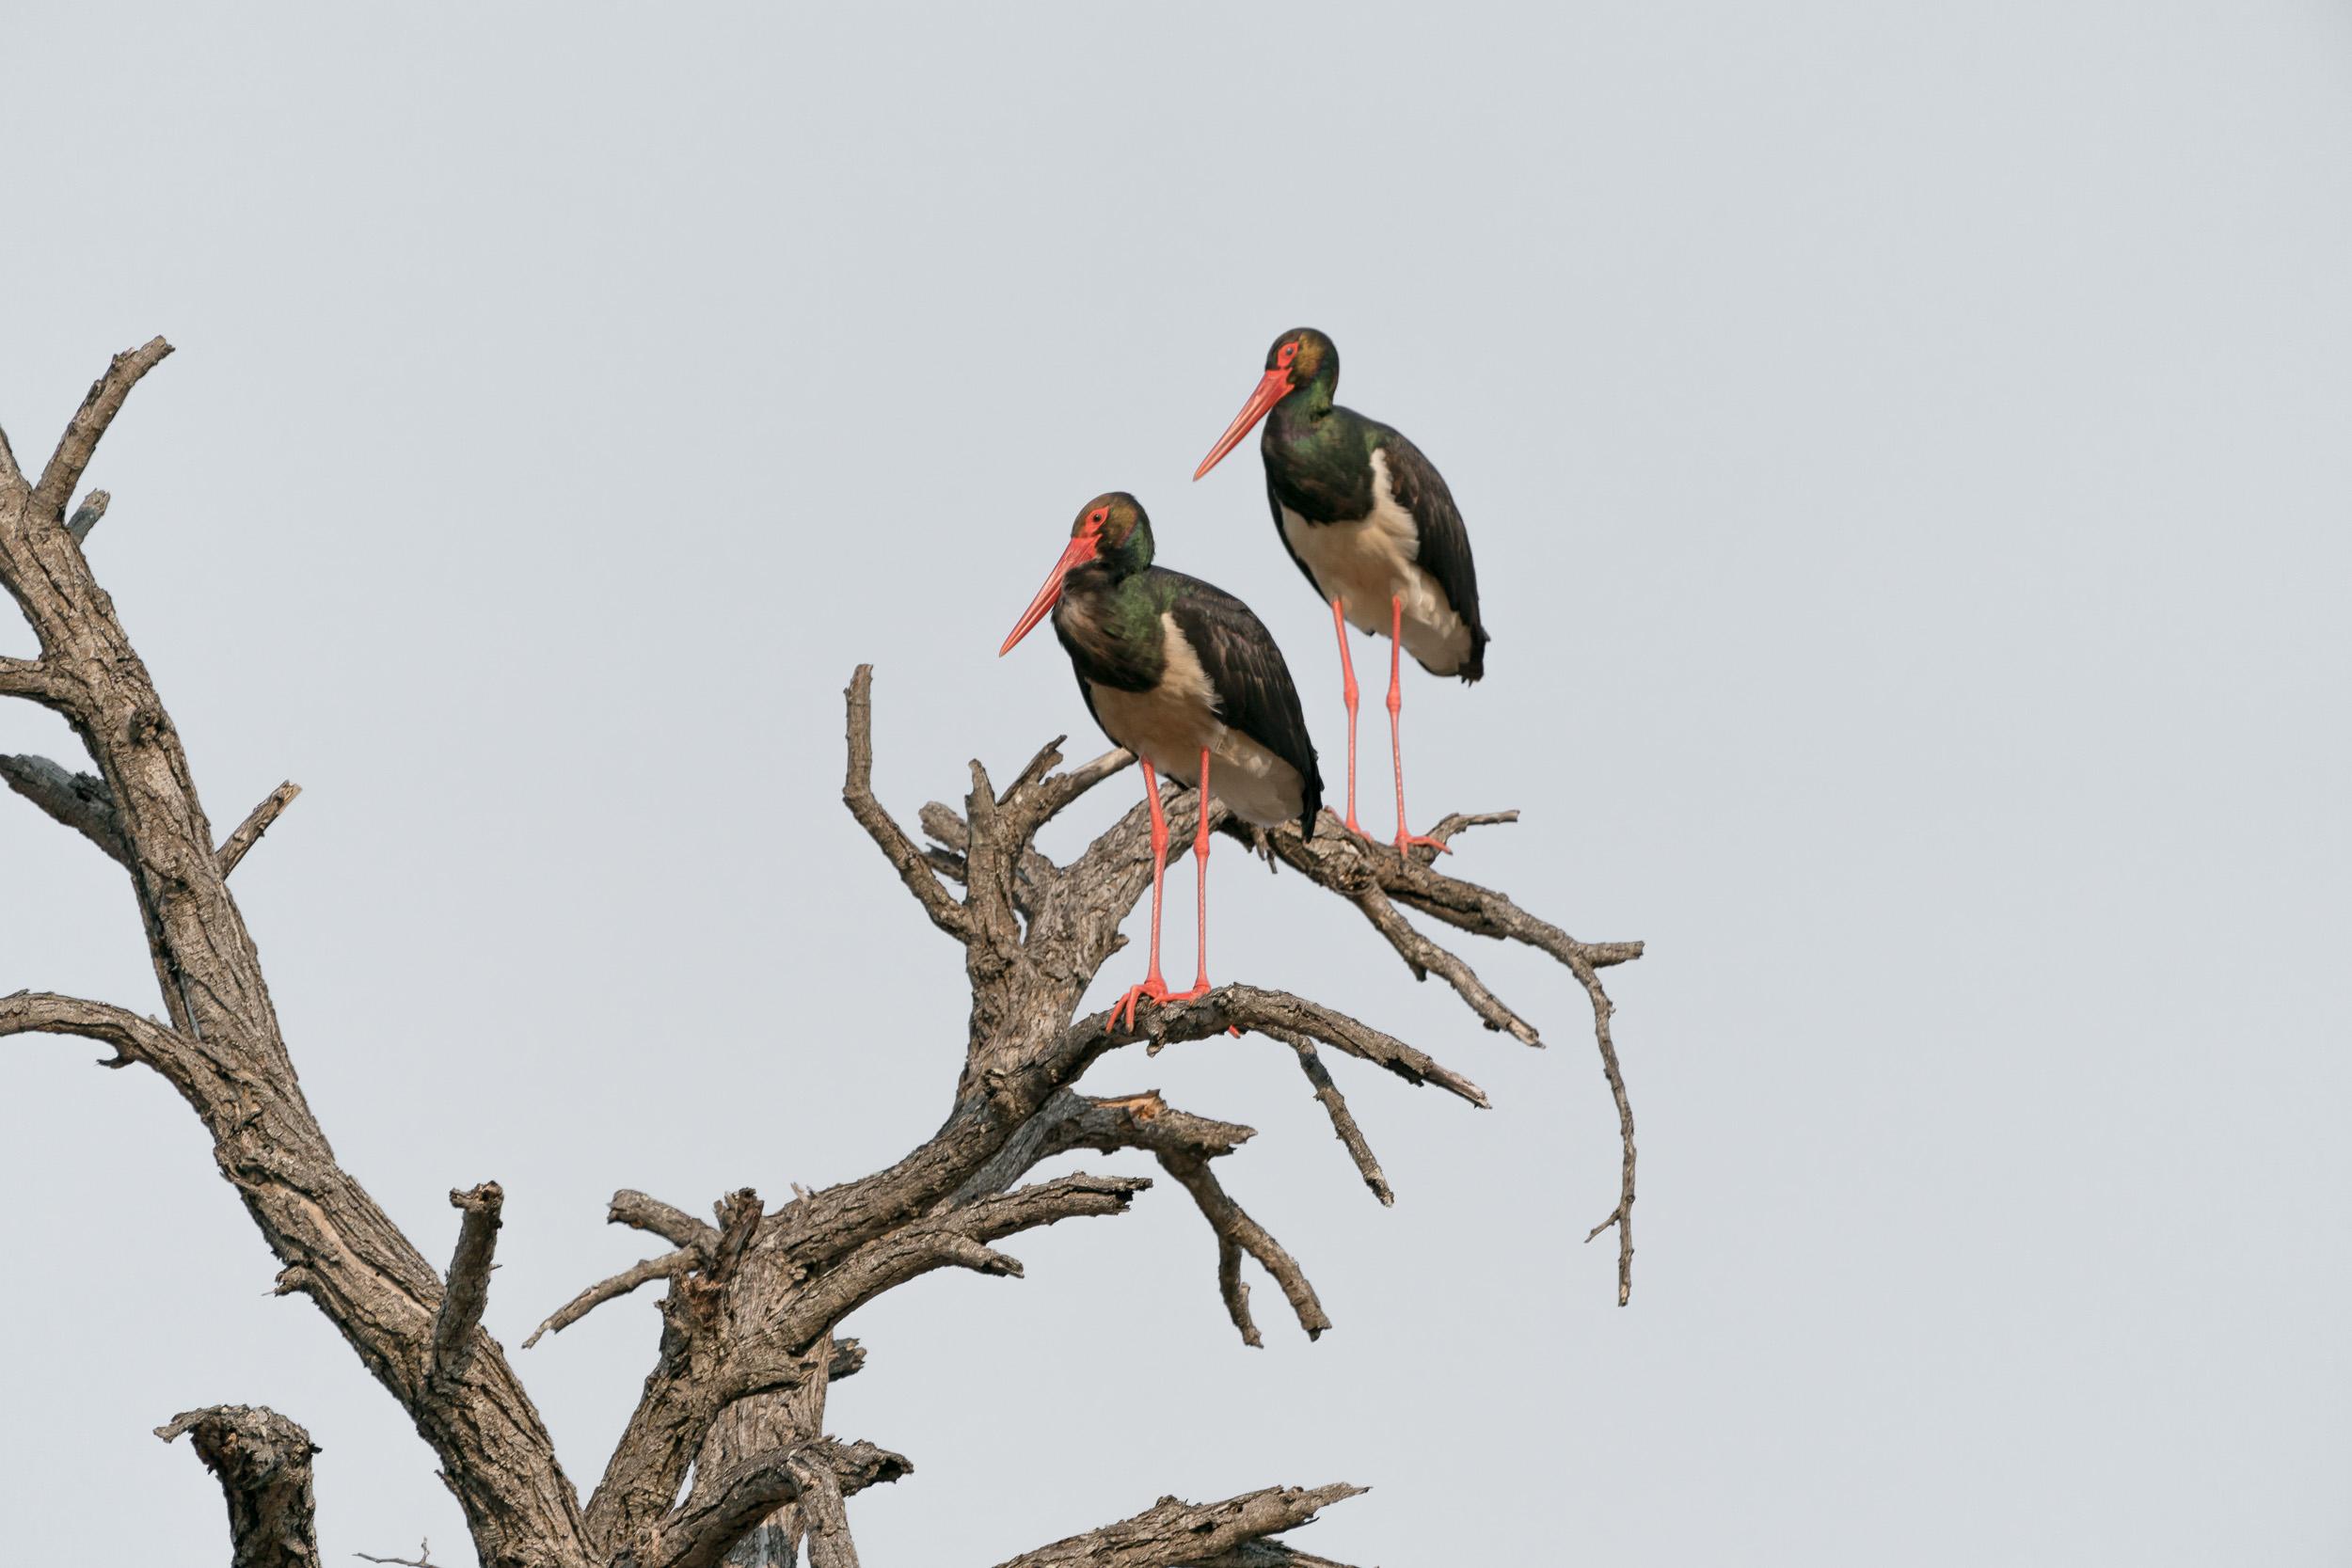 the_getaway_edit_south_africa_safari_londolozi_game_reserve-27.jpg